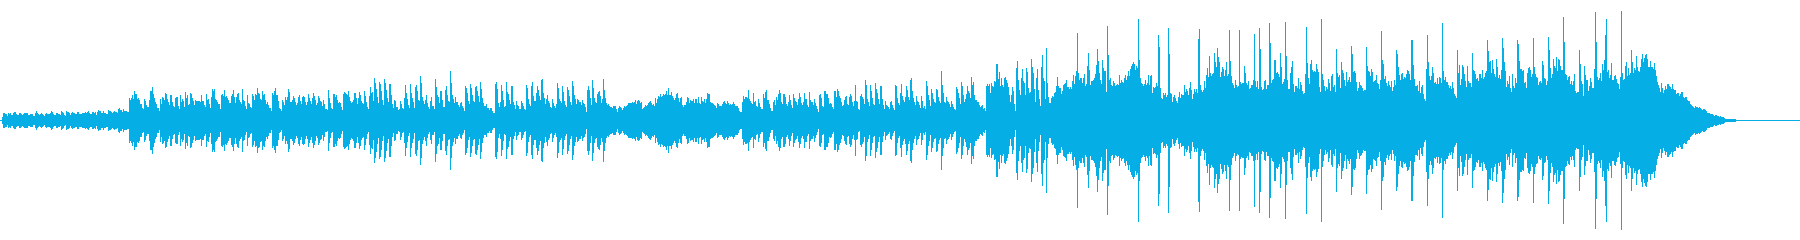 ピアノを使った爽やかで優しい曲の再生済みの波形